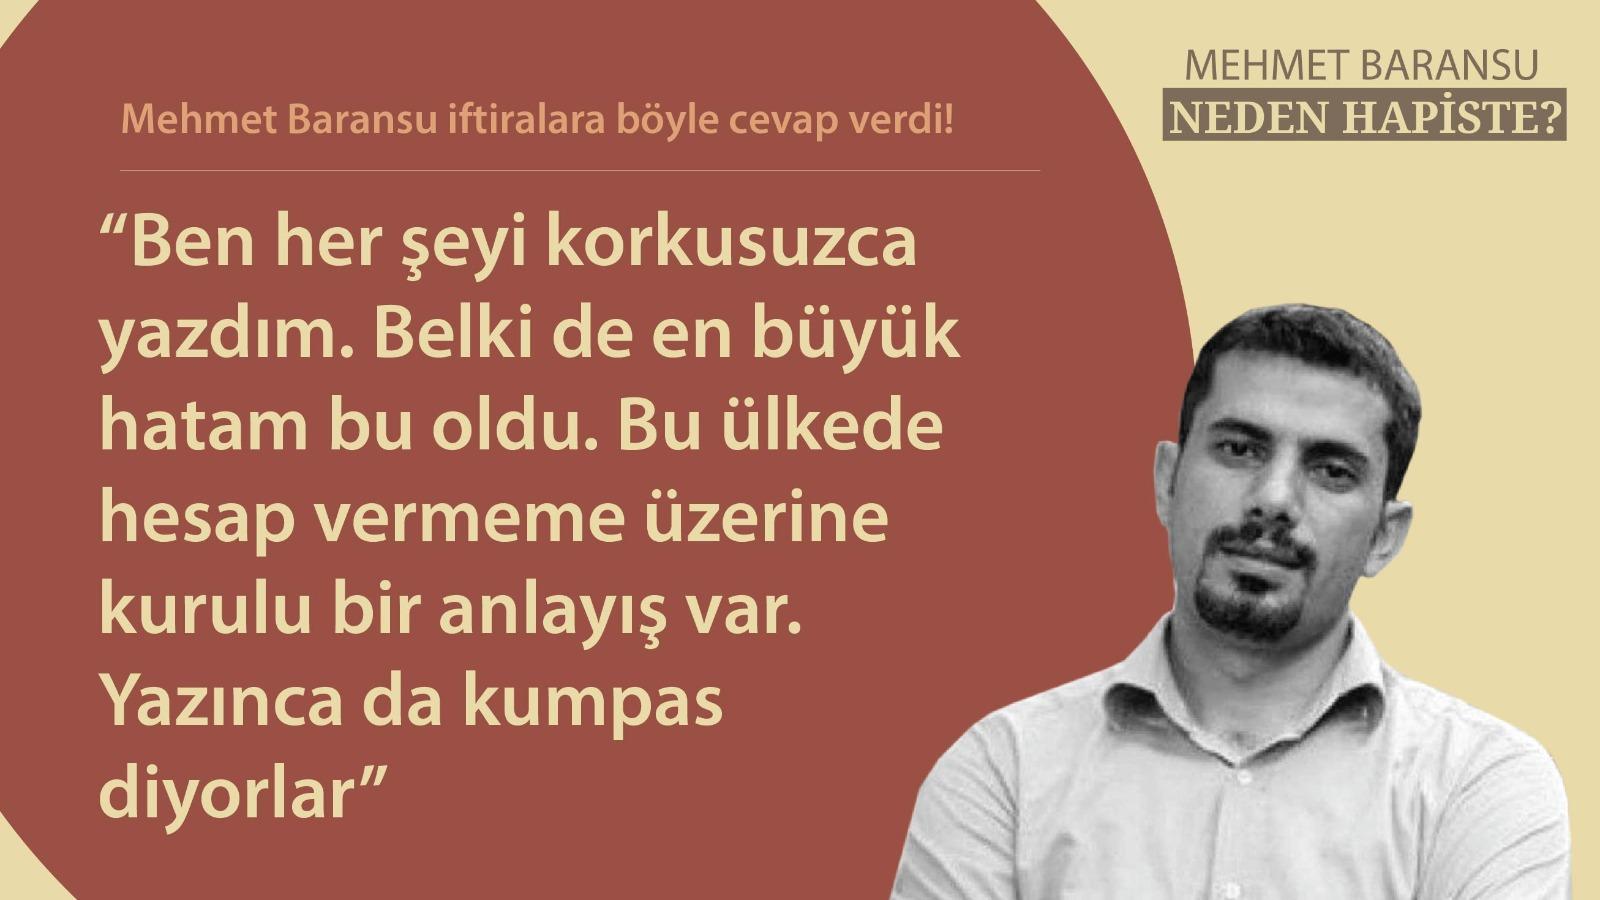 Binlerce kişi gazeteci Baransu'nun özgürlüğüne kavuşması için mesaj attı 3